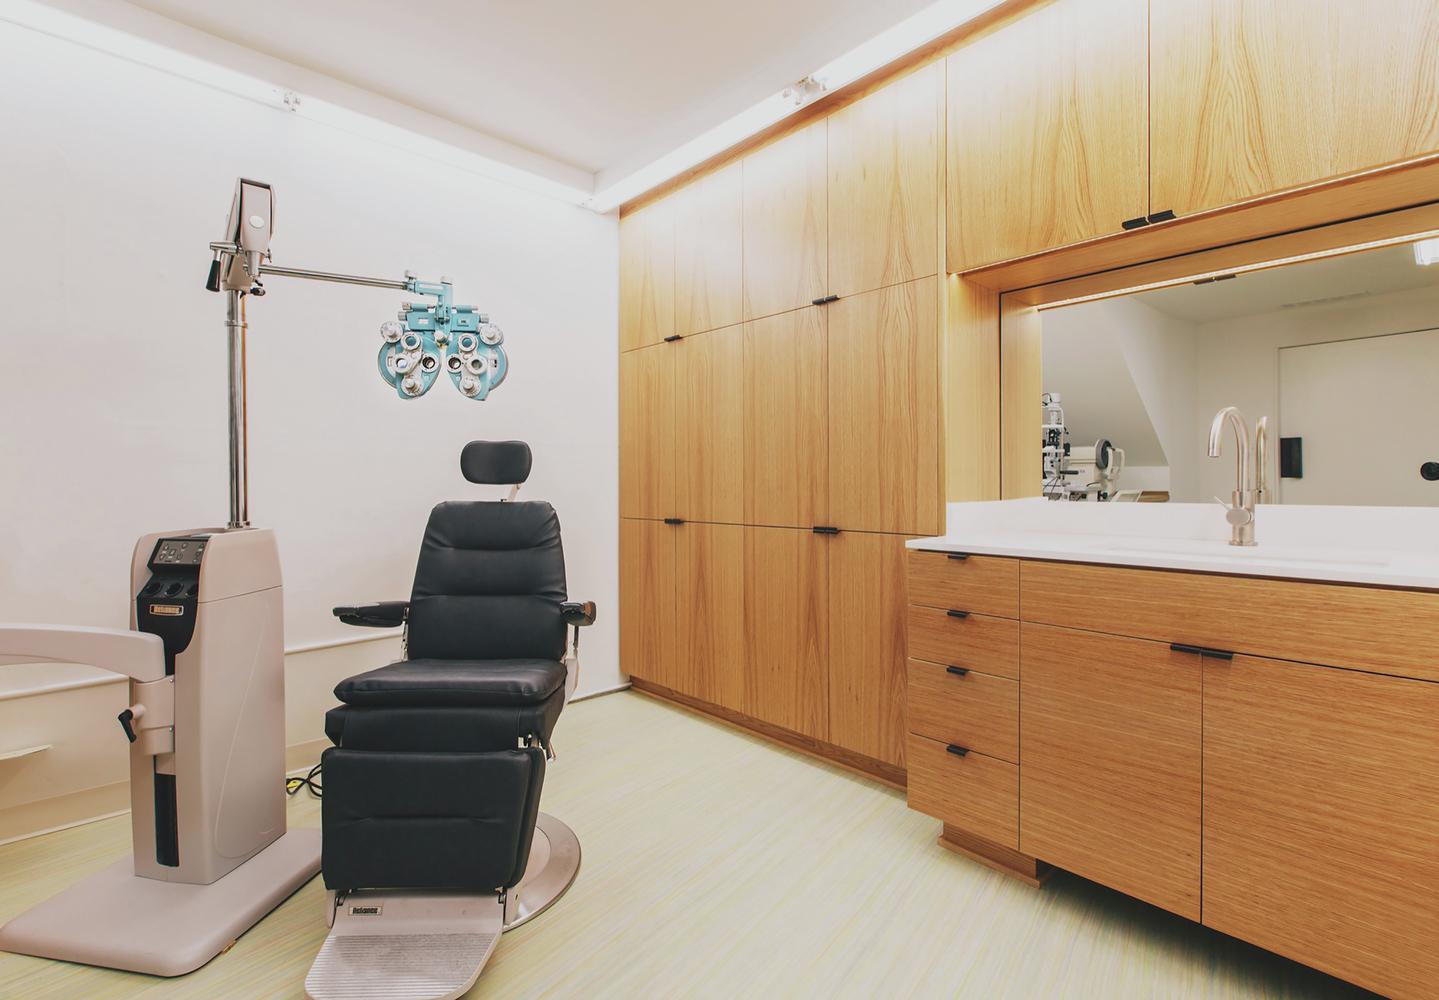 Eye Eye Exam Room